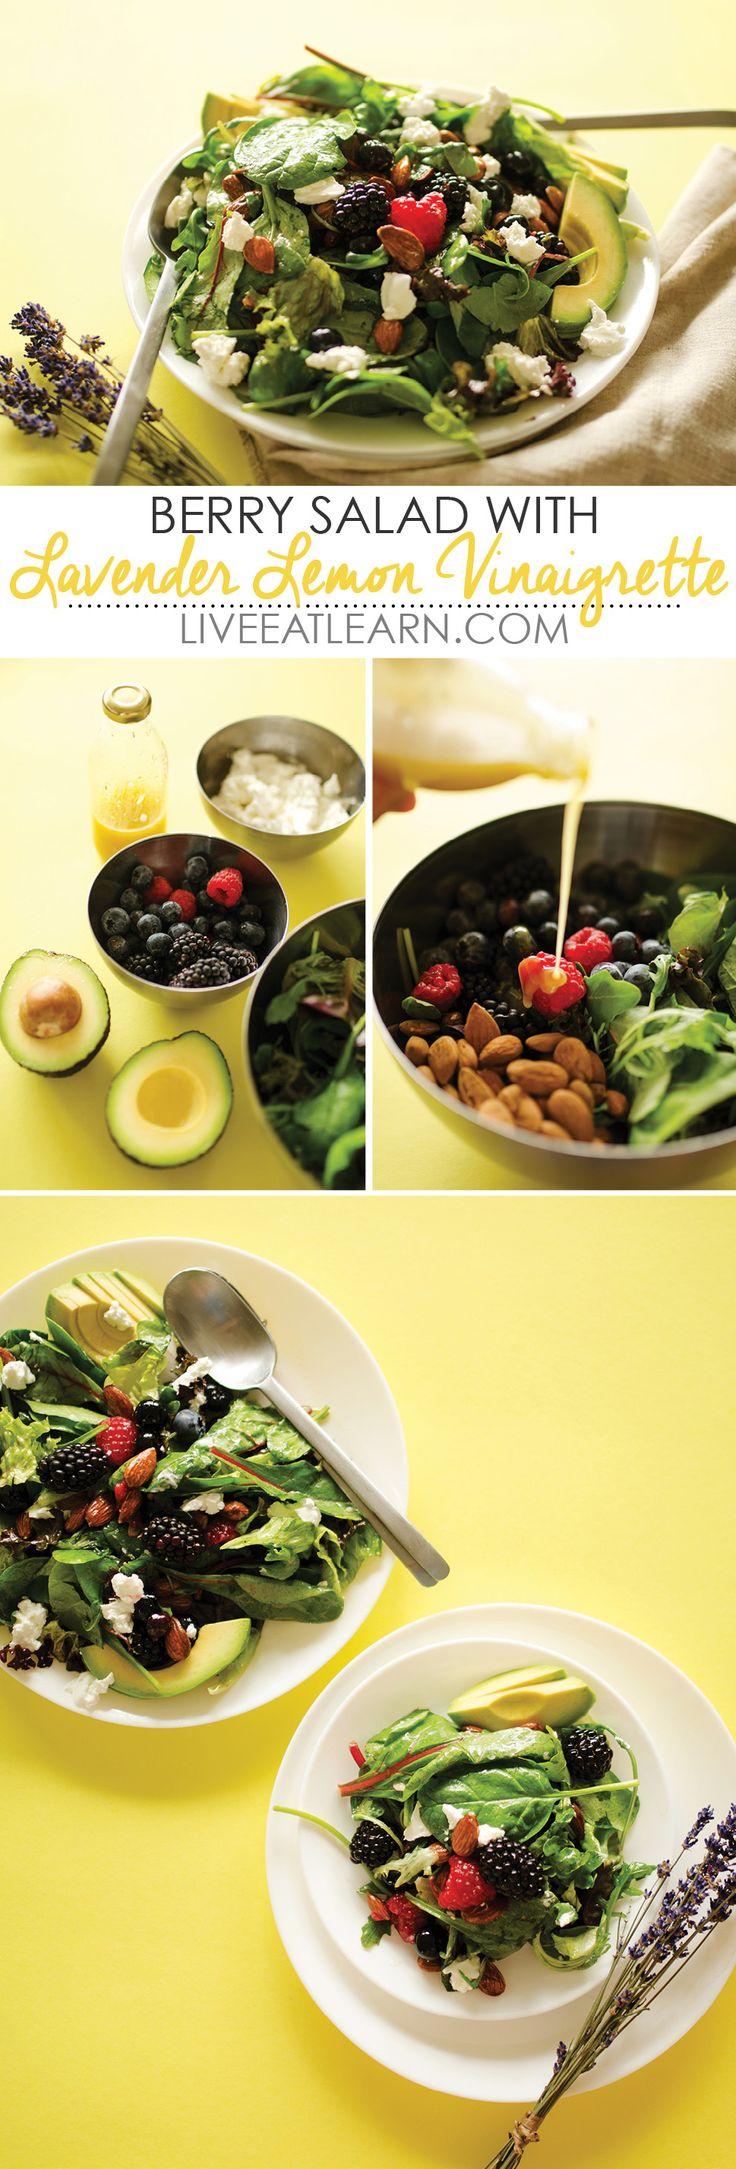 recipe: best lemon vinaigrette dressing [21]